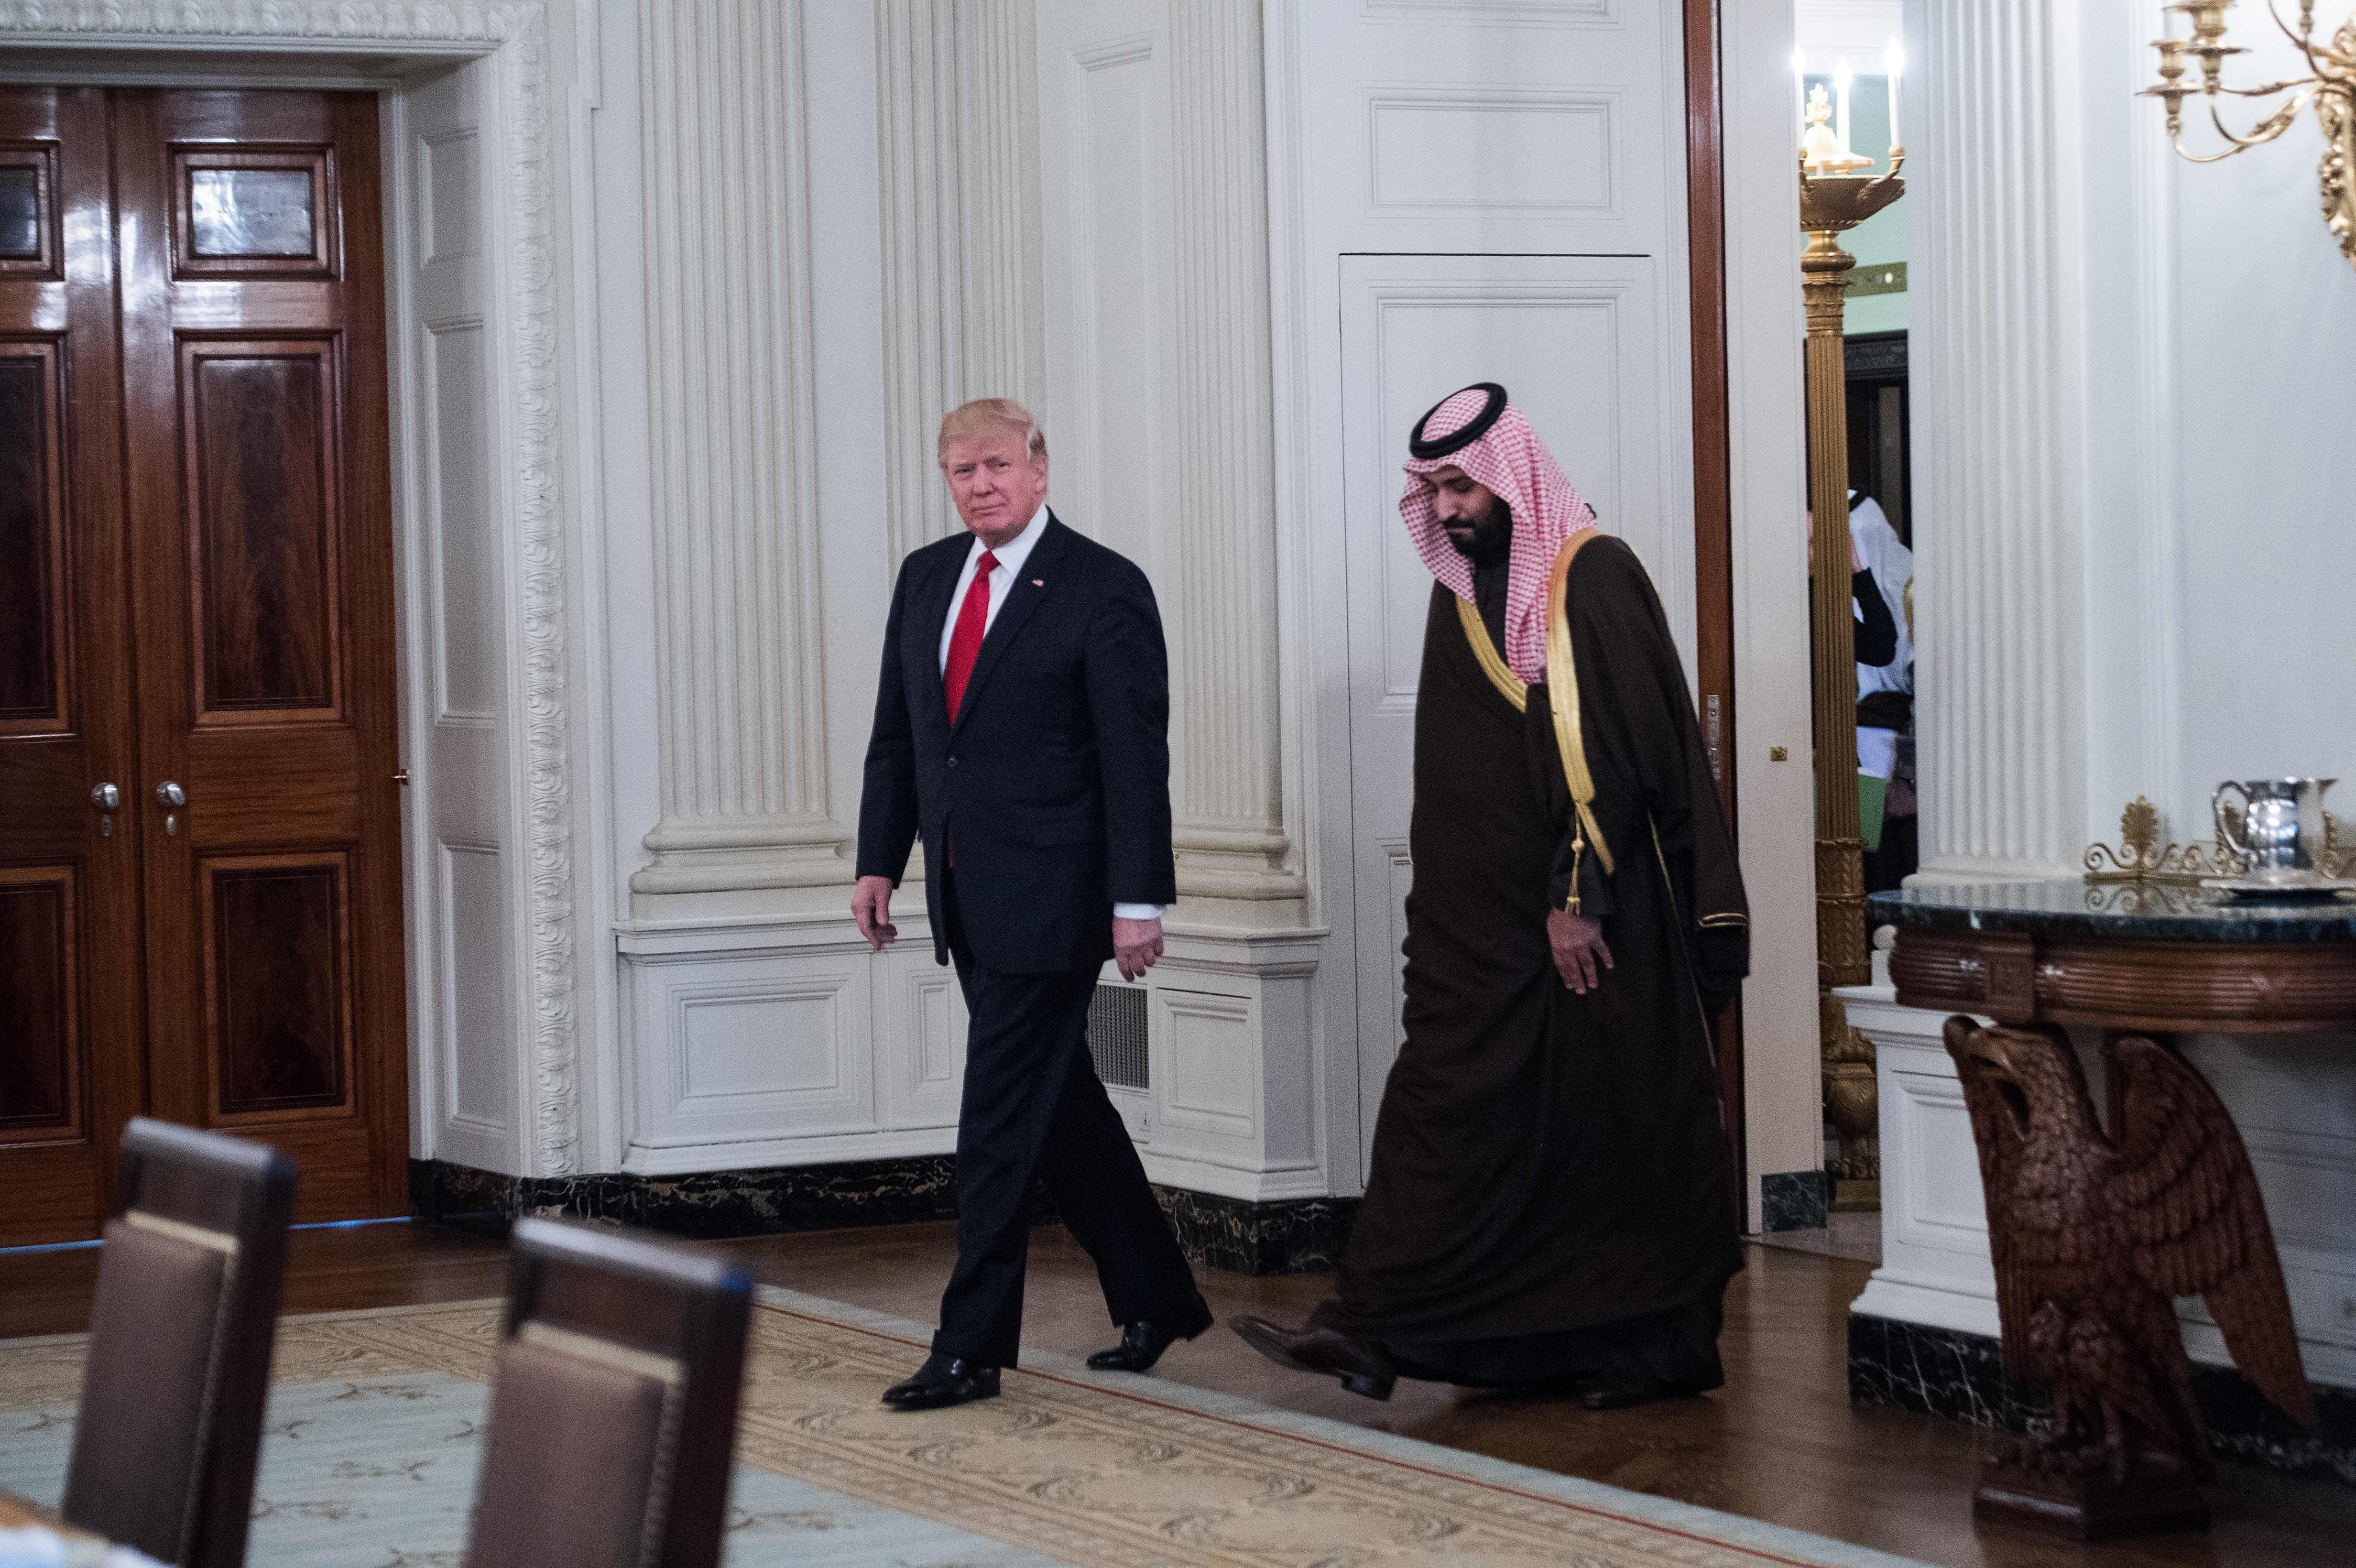 ترامب وبن سلمان لدى توجههما لتناول الغذاء في البيت الأبيض